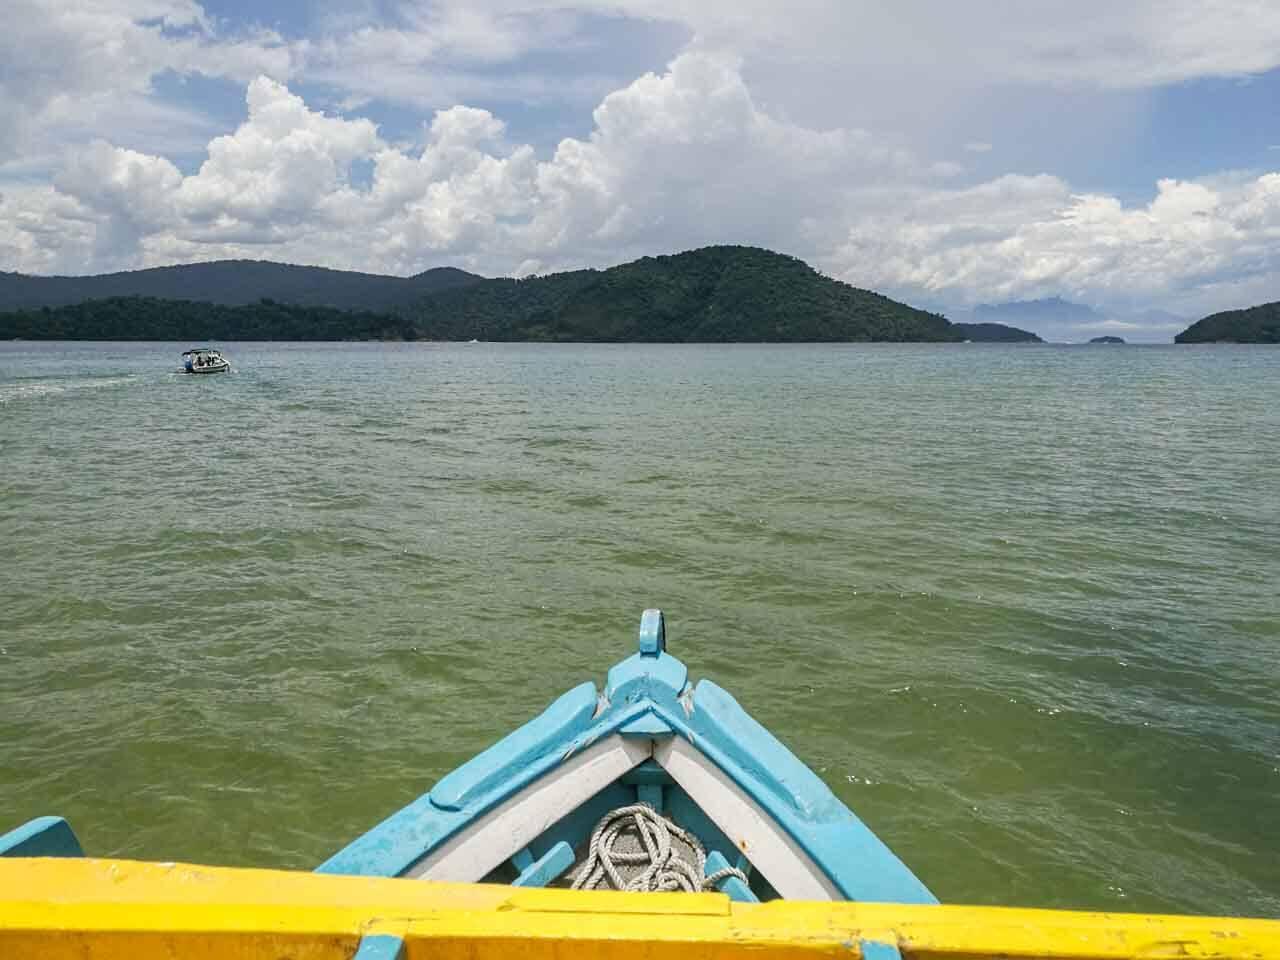 Passeio de barco no Saco do Mamanguá, Paraty.